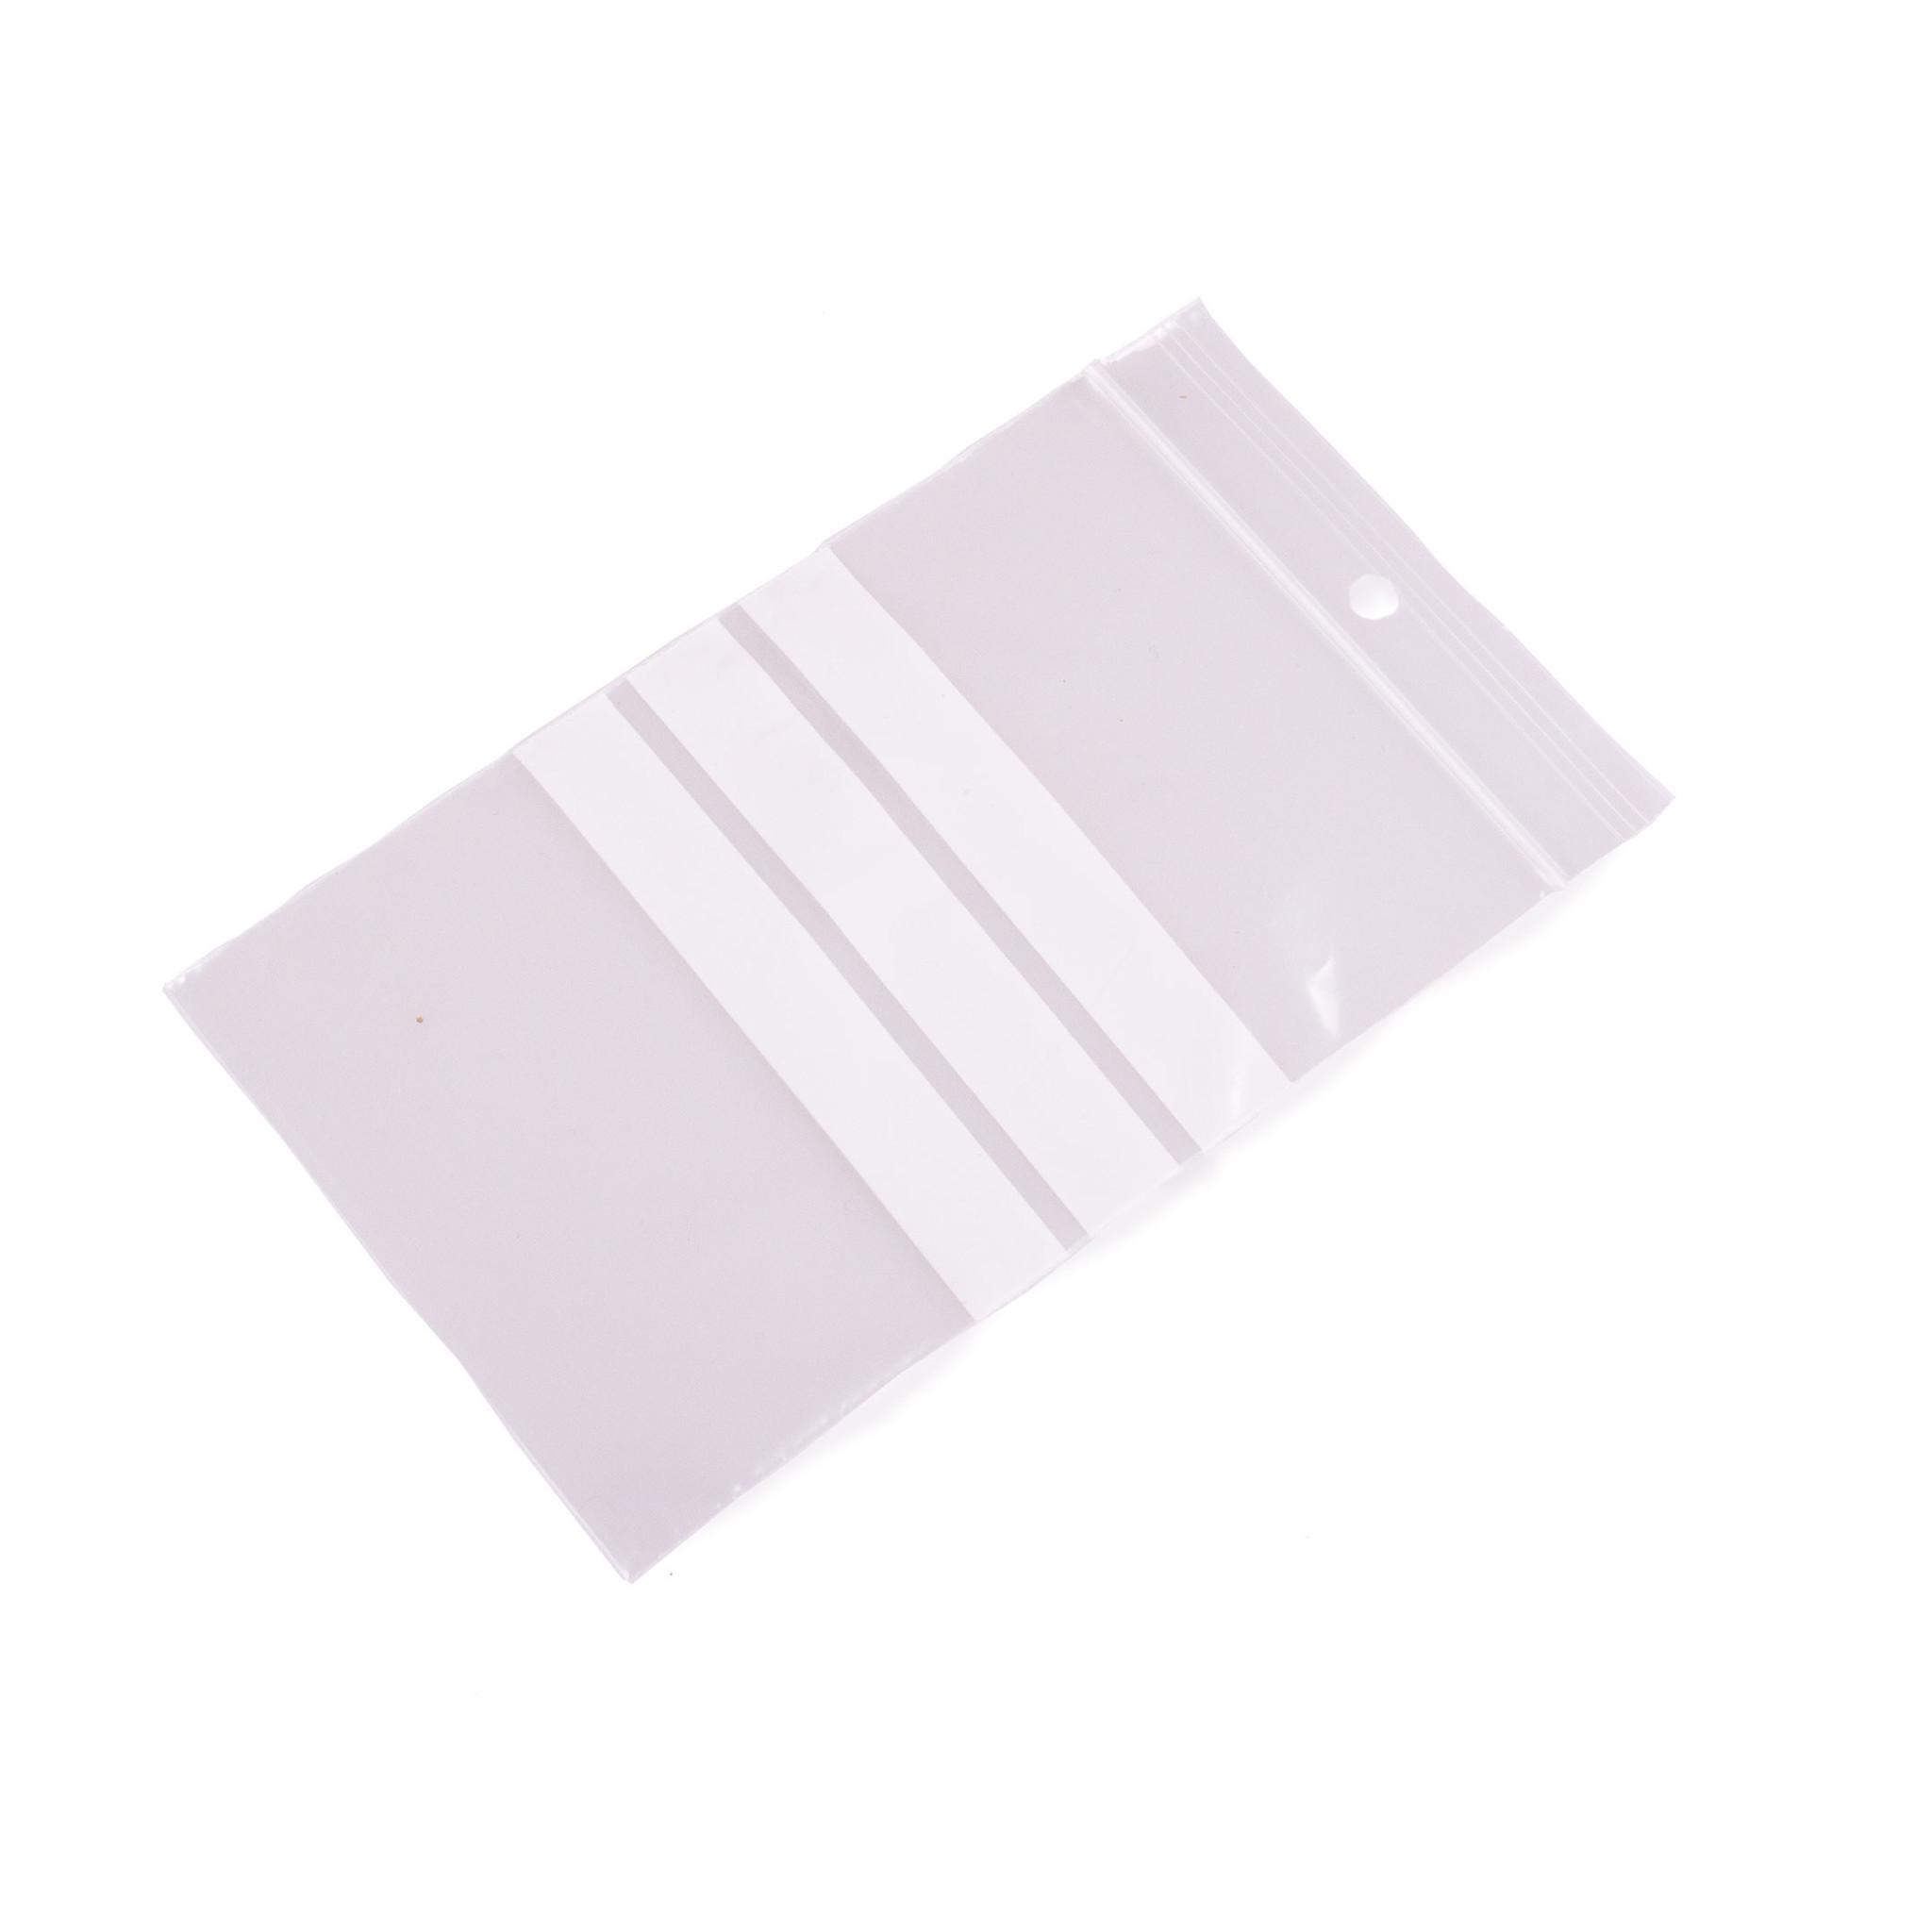 Gripzakken met schrijfvlakken extra sterk 190 x 250 mm uit 90 micron LDPE pakje van 100 stuks